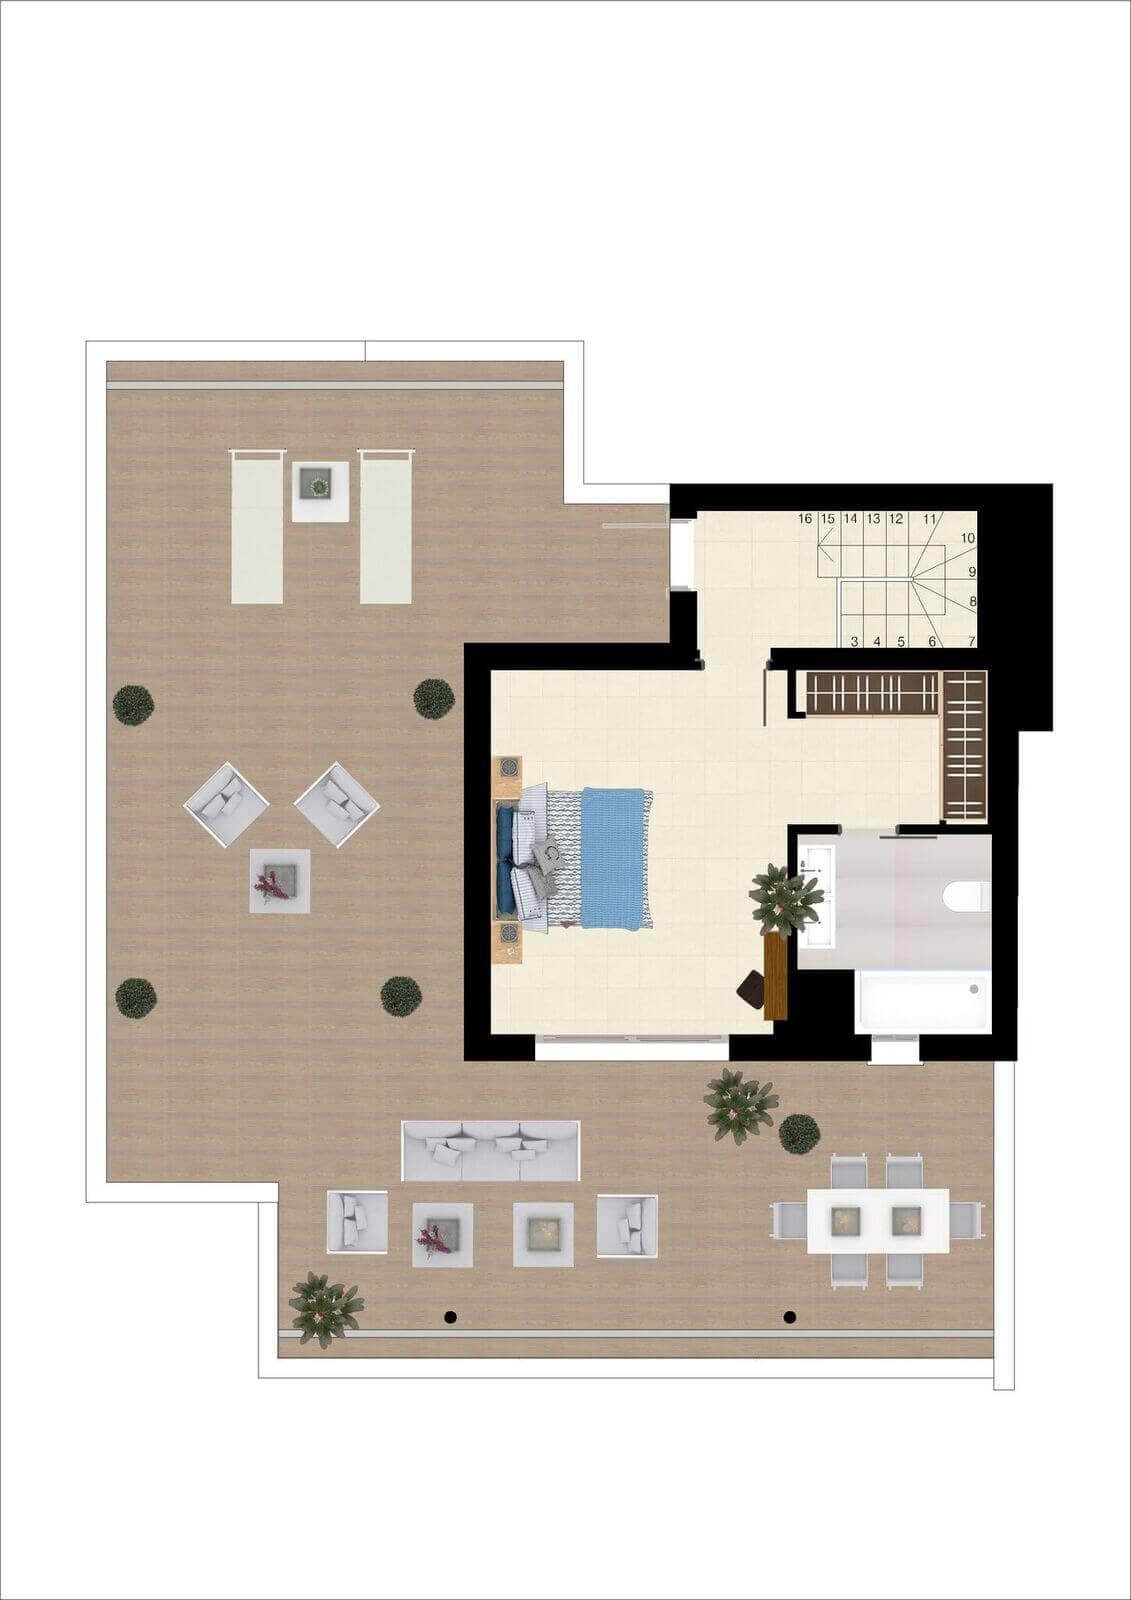 botanic taylor wimpey appartement penthouse los arqueros benahavis zeezicht golf grondplan penthoiuse